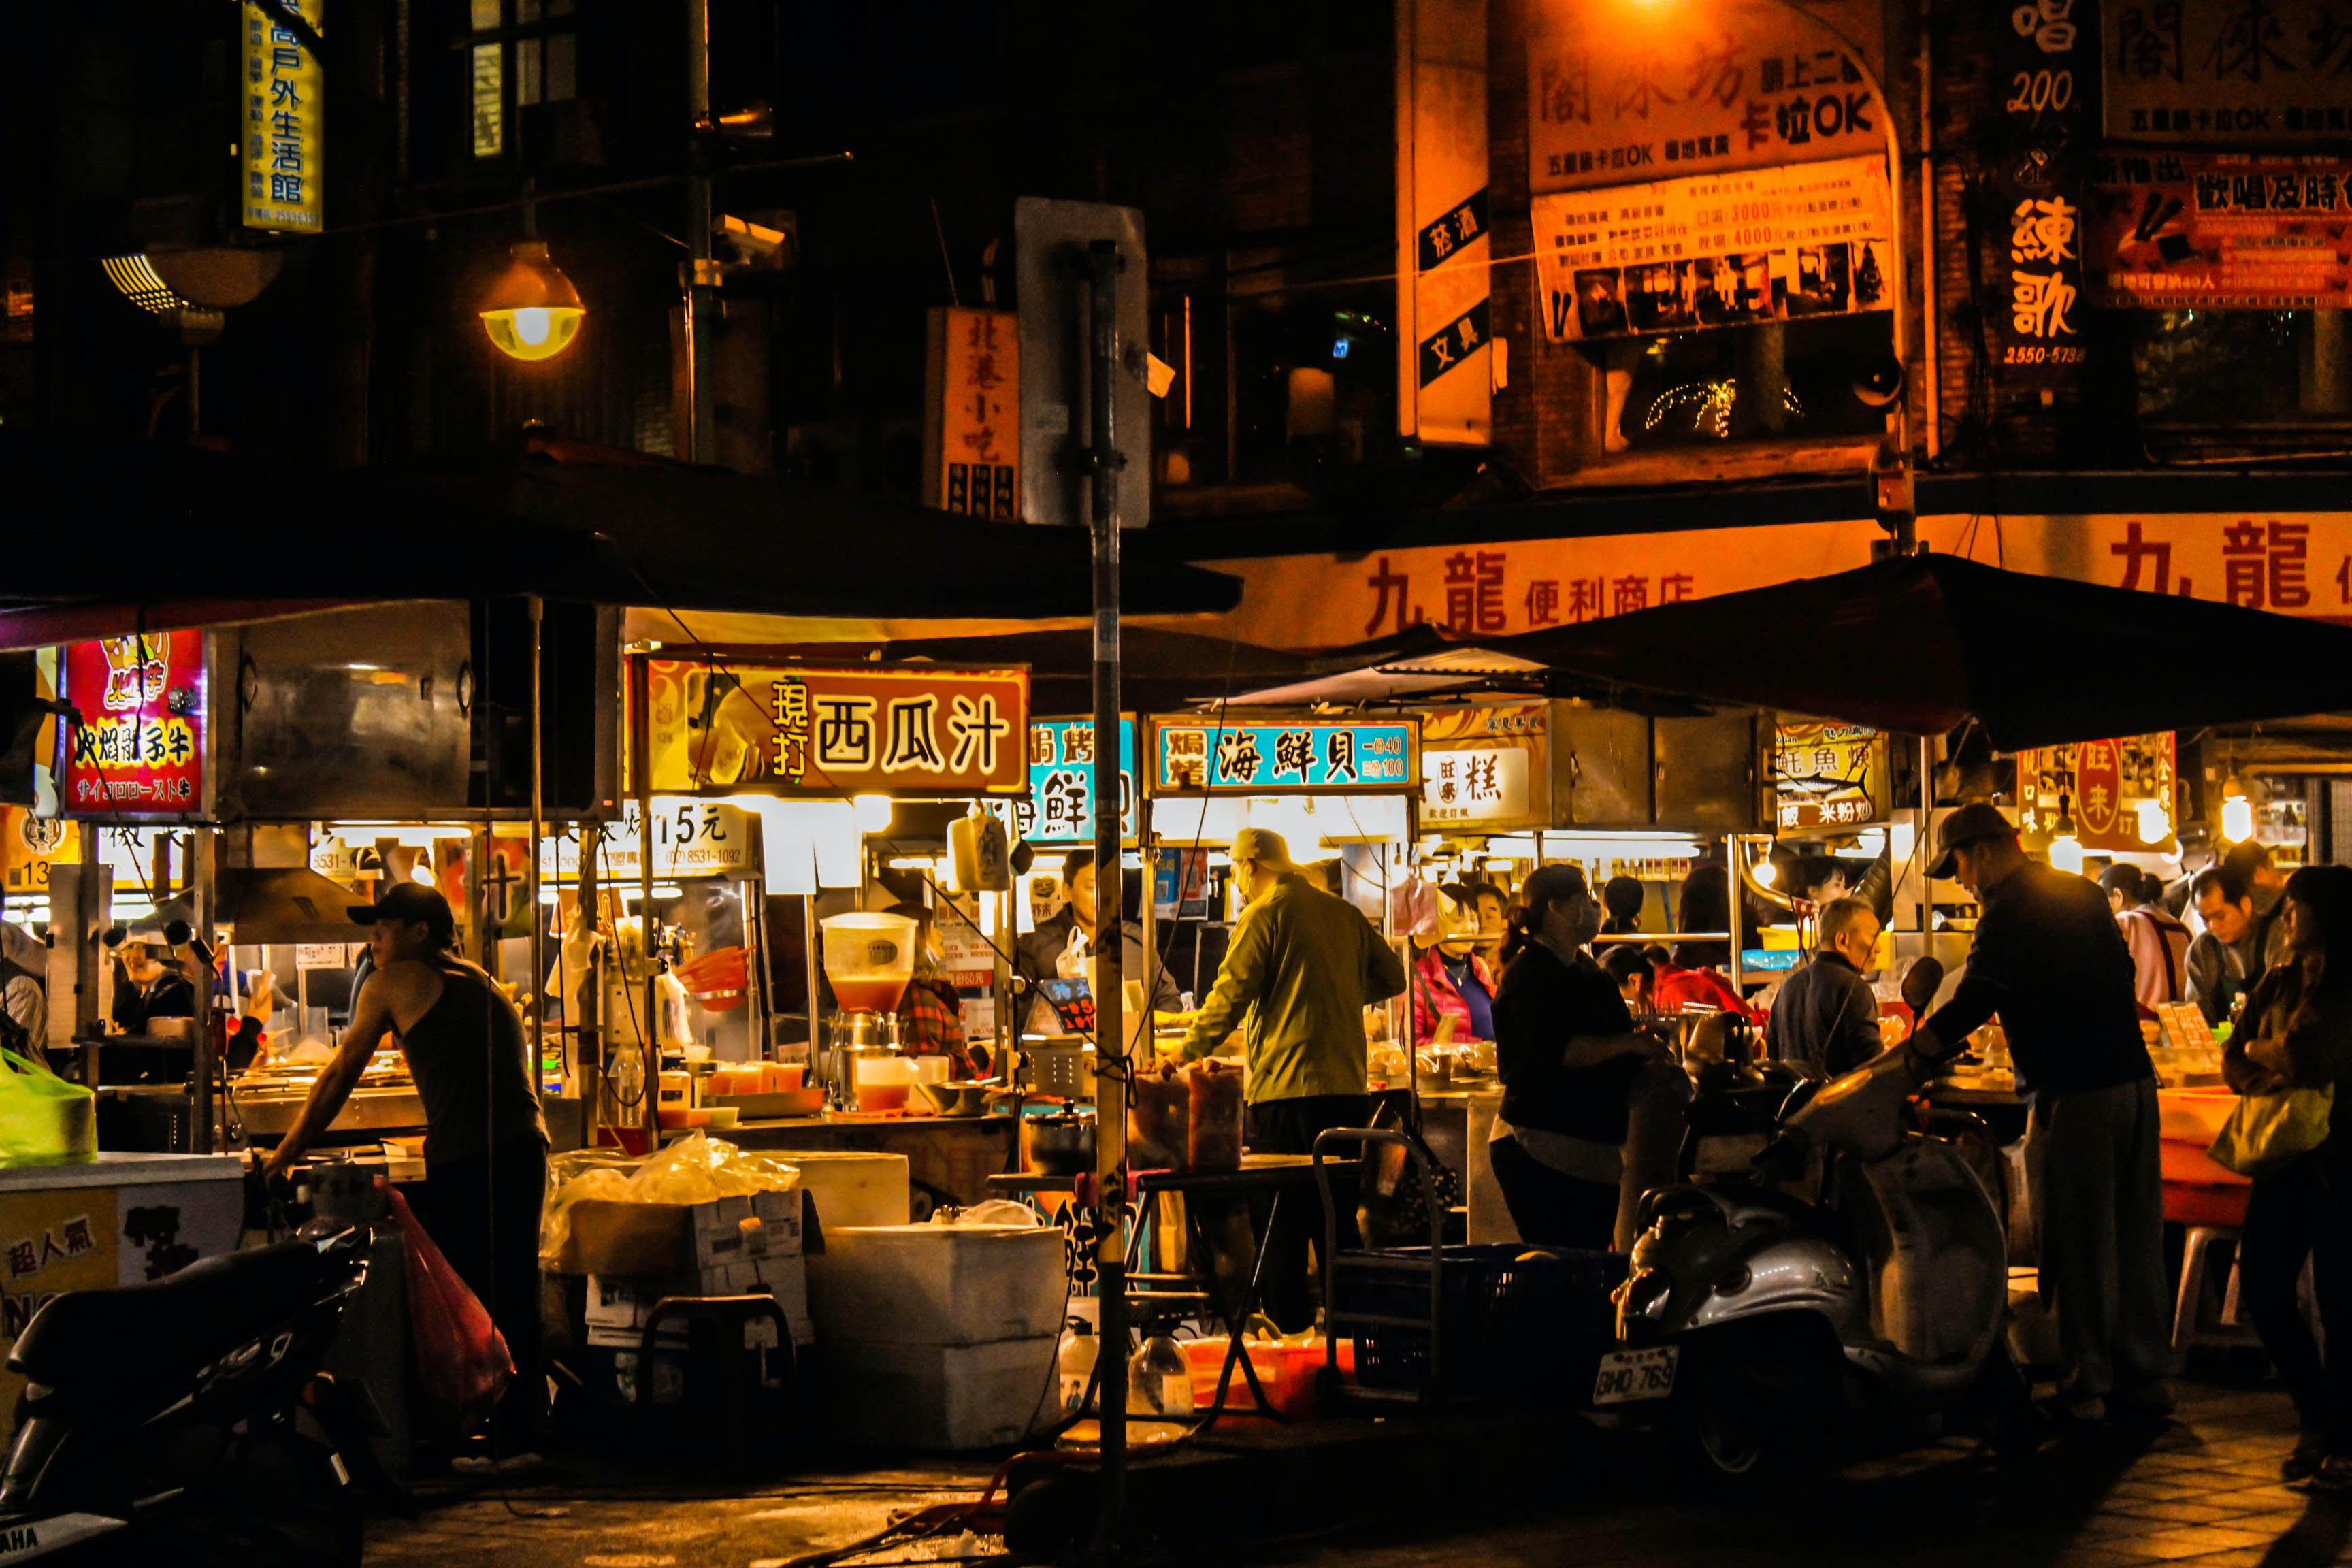 people eat on street foods